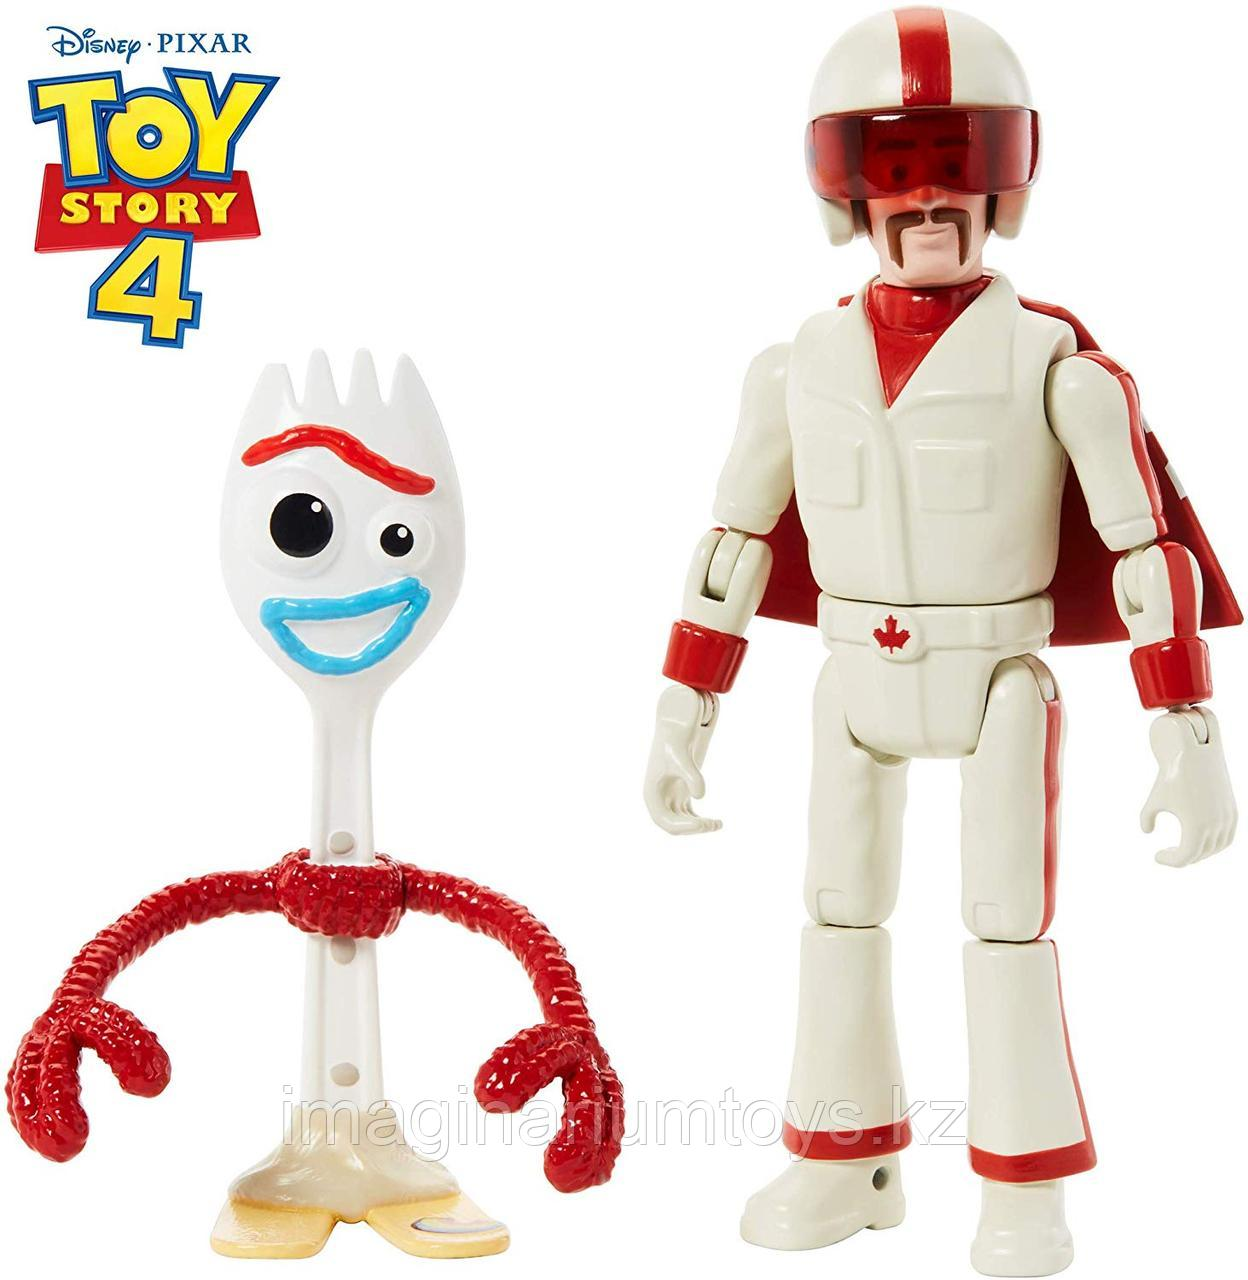 Игрушки из м/ф «История игрушек 4» Форки и Дьюк «Toy Story 4»